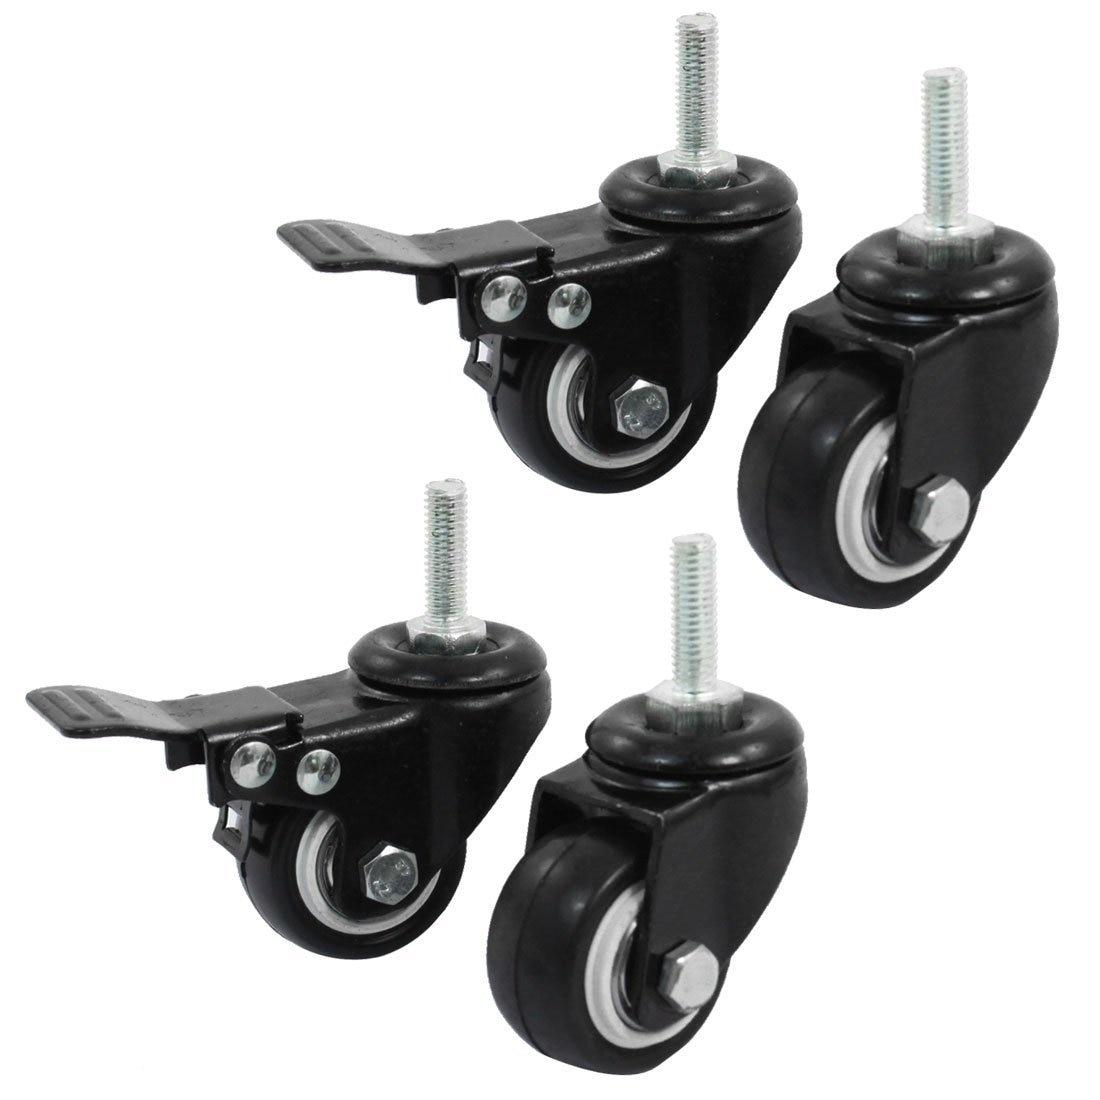 Shopping Wheel Trolley Brake Swivel Caster, 1.5-Inch, Black, 4-Piece uxcell a11102700ux0090 2 inch wheel trolley stem industrial swivel caster brake gray